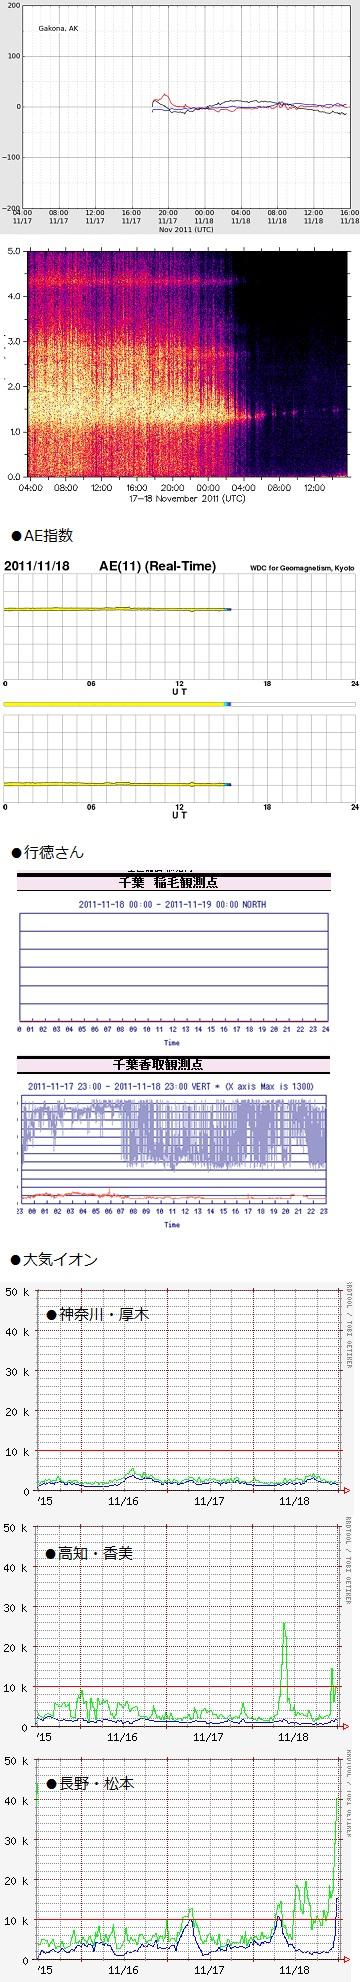 1119-1 データ